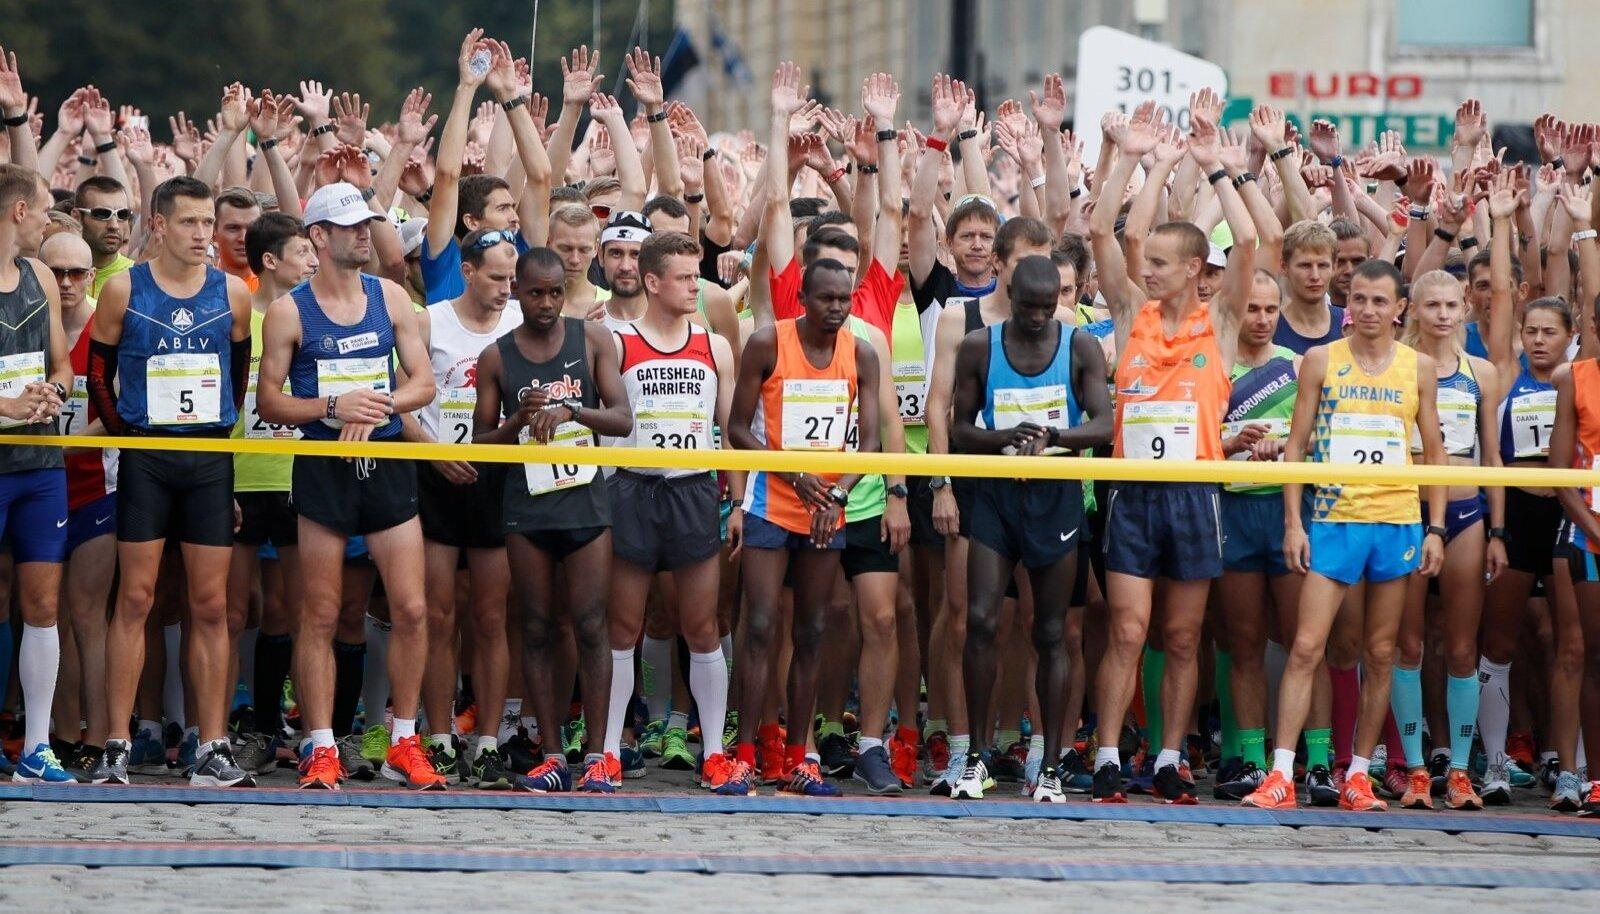 Tallinna maraton 2018.